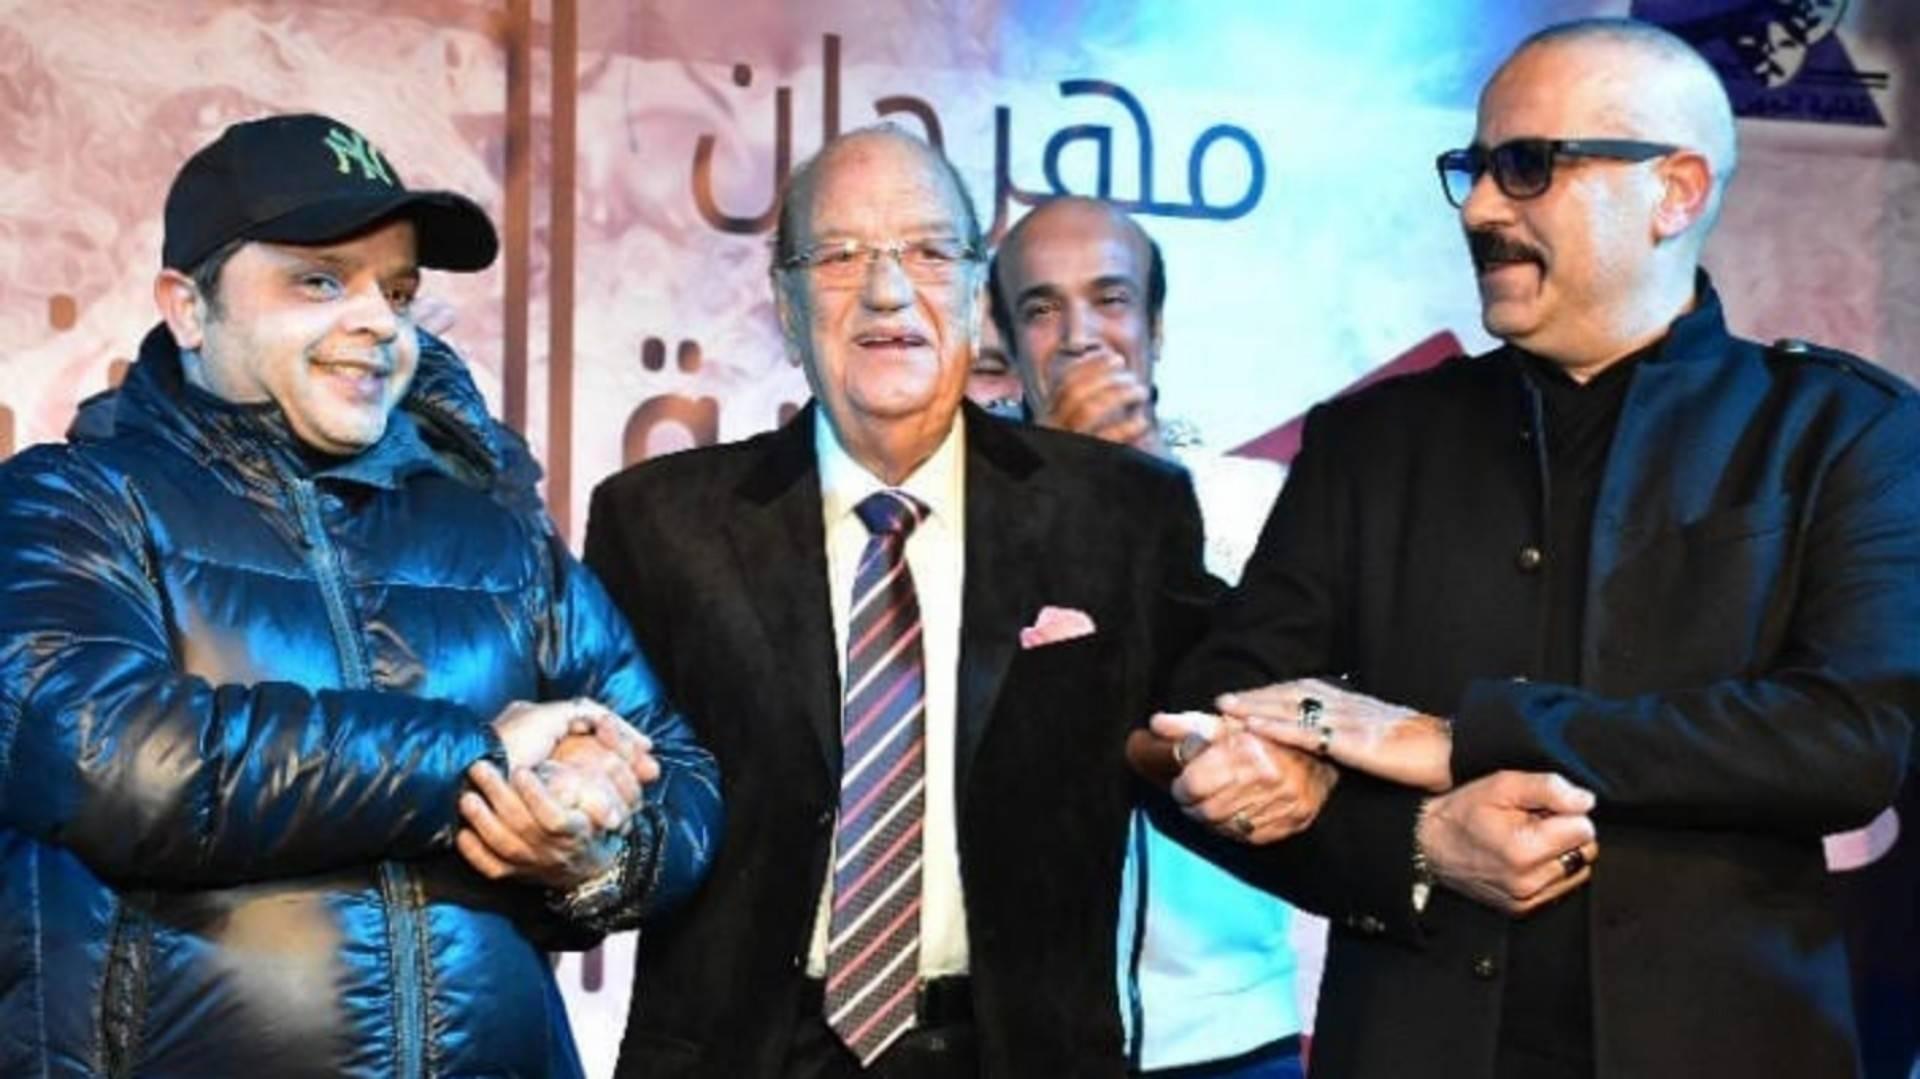 محمد هنيدي ومحمد سعد يكرمان حسن حسني في ديسمبر 2019 بمهرجان نقابة الممثلين